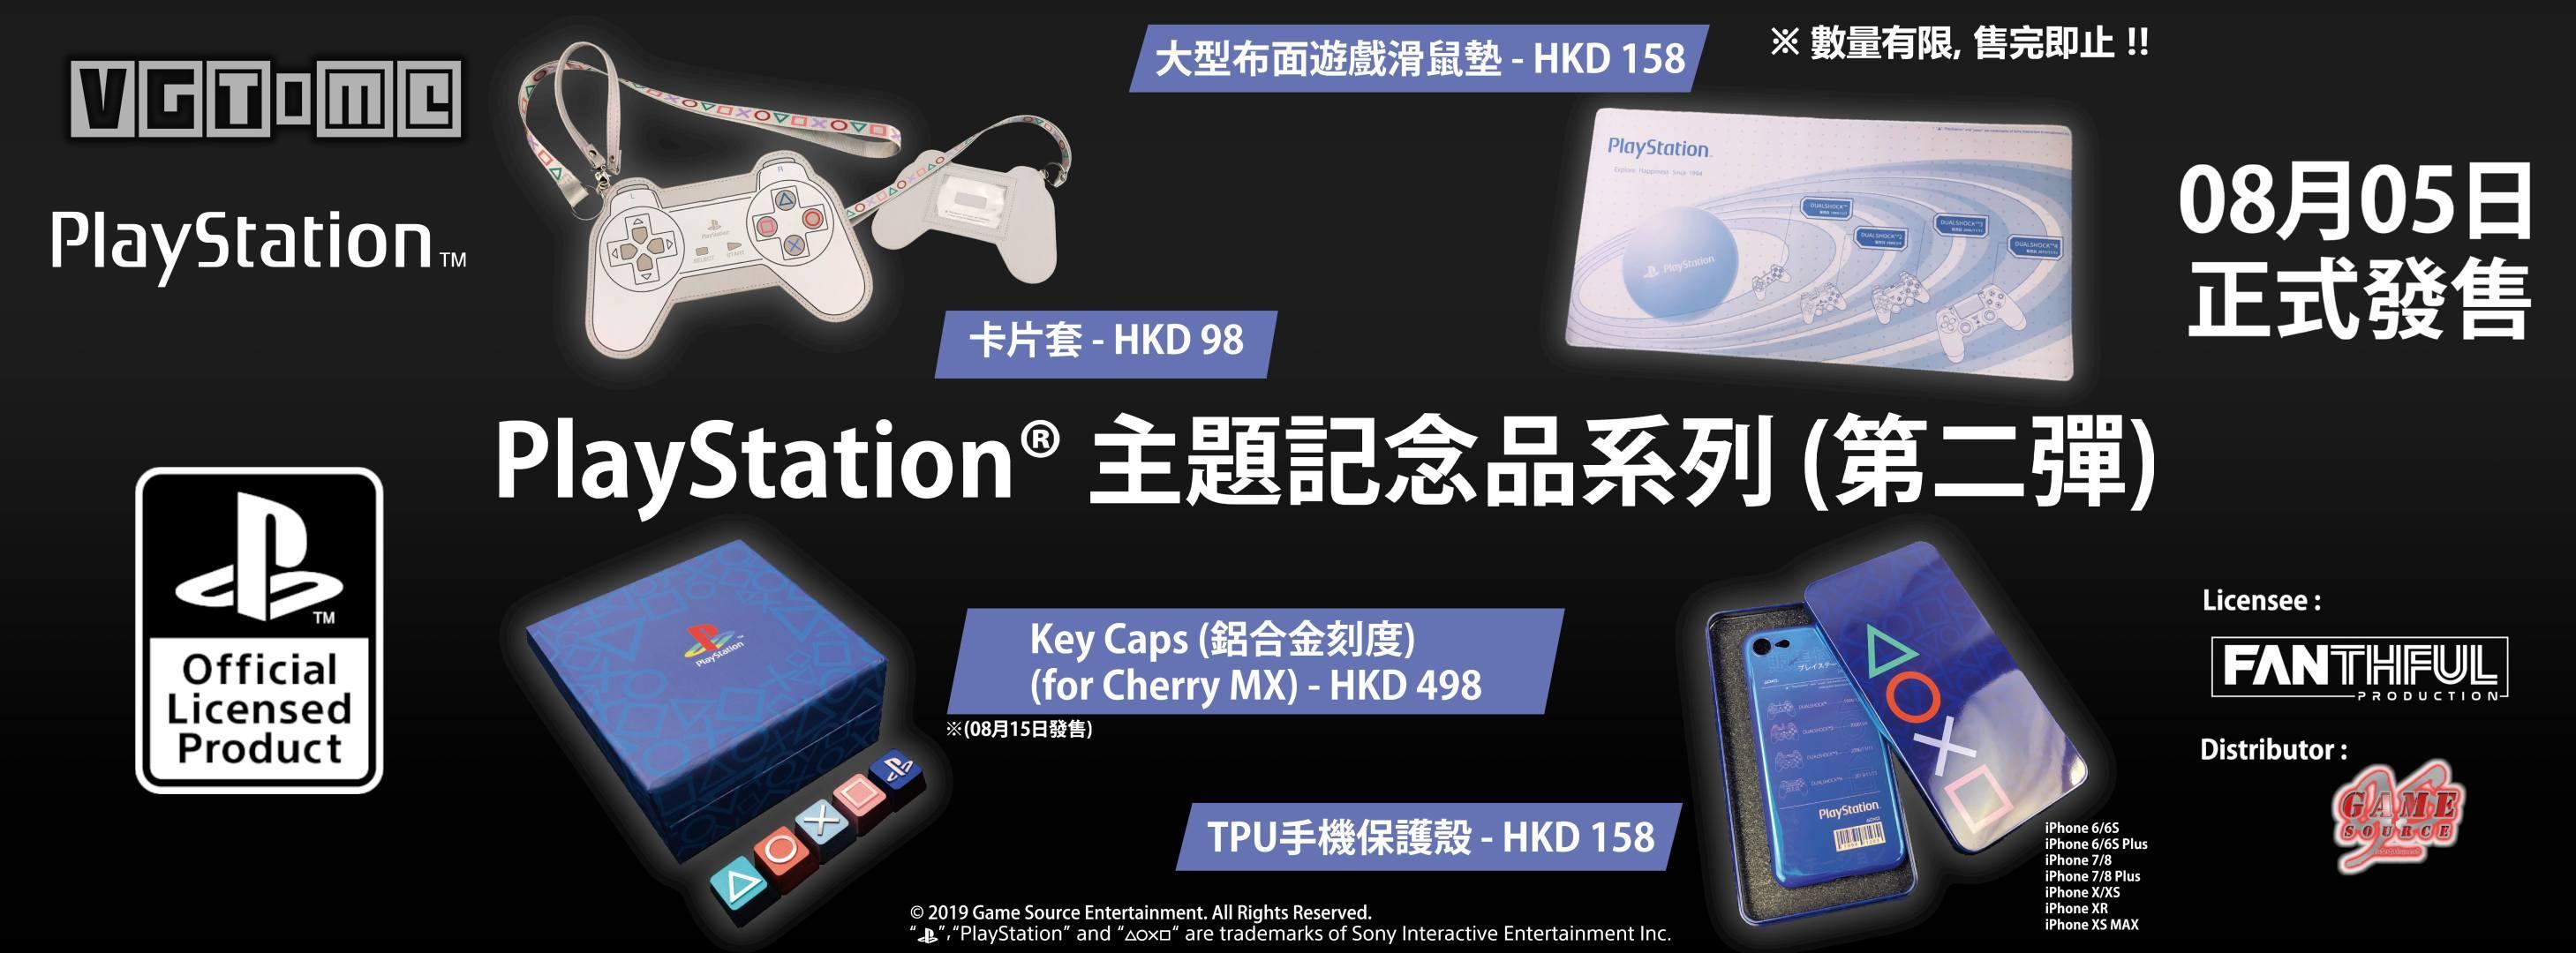 PlayStation主题纪念品第二弹公布 手机壳鼠标垫应有尽有